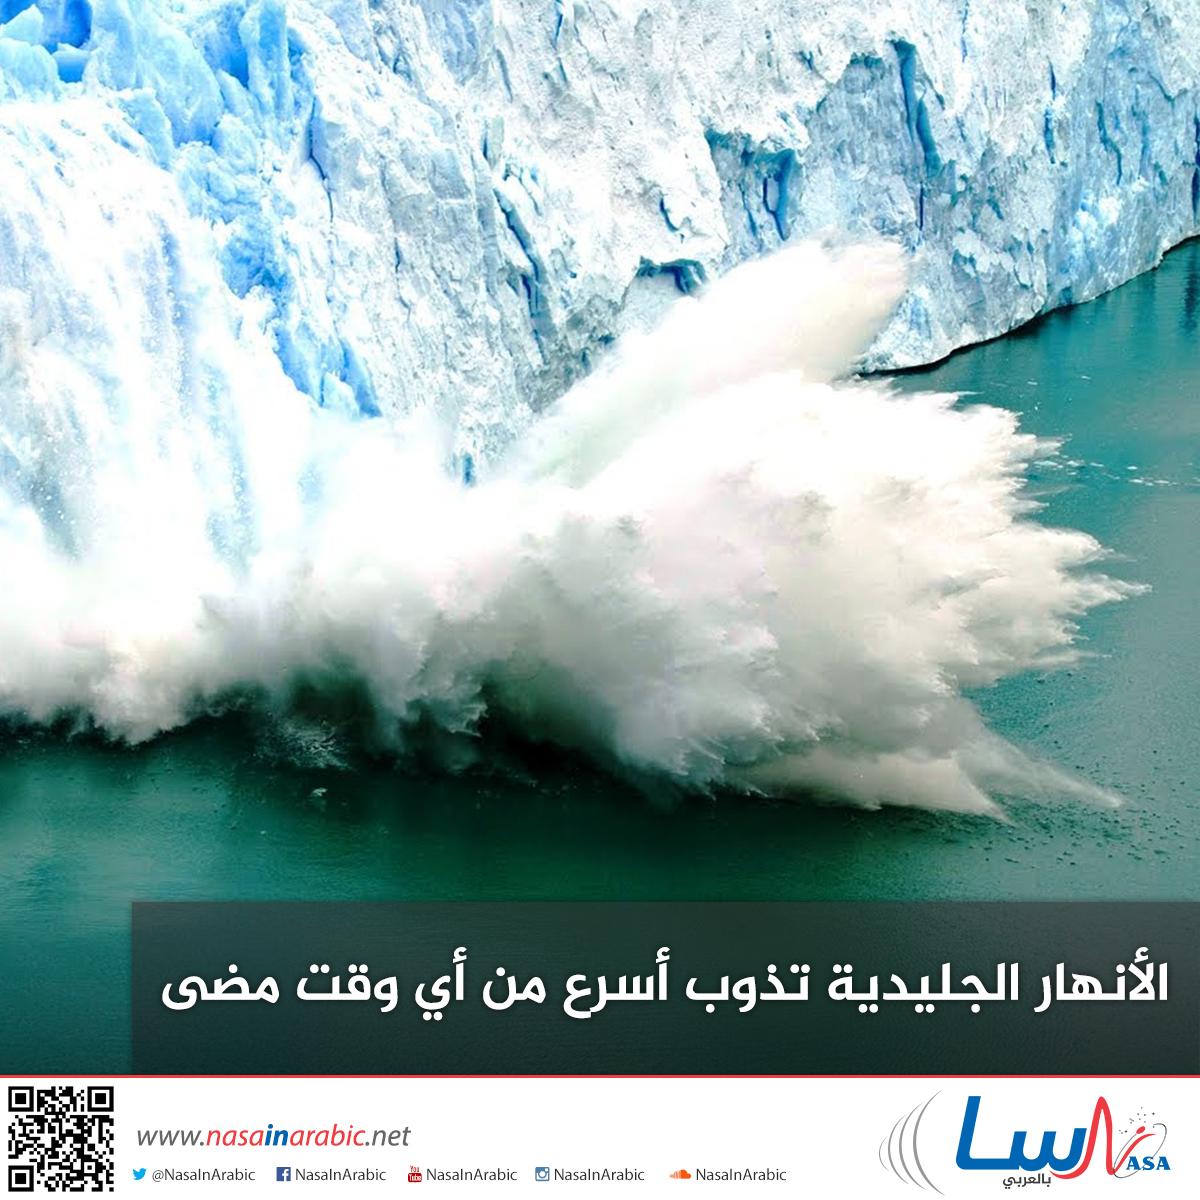 الأنهار الجليدية تذوب أسرع من أي وقت مضى